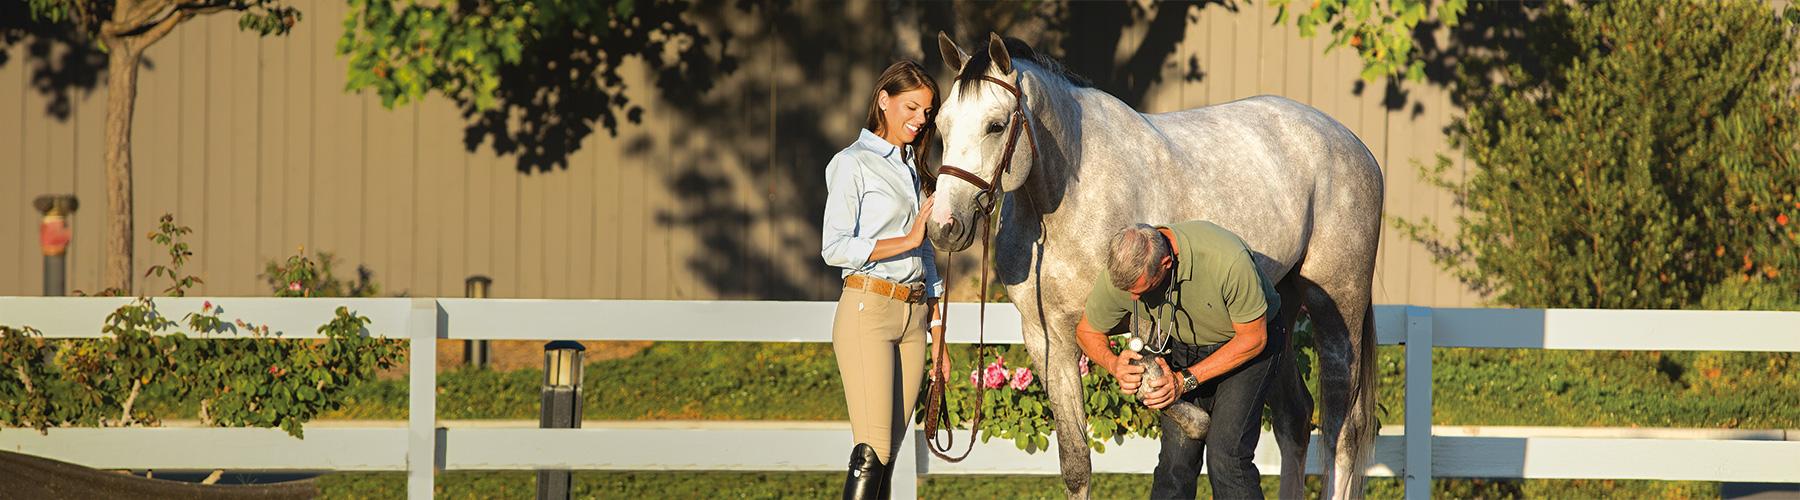 Vet checking horse's knee